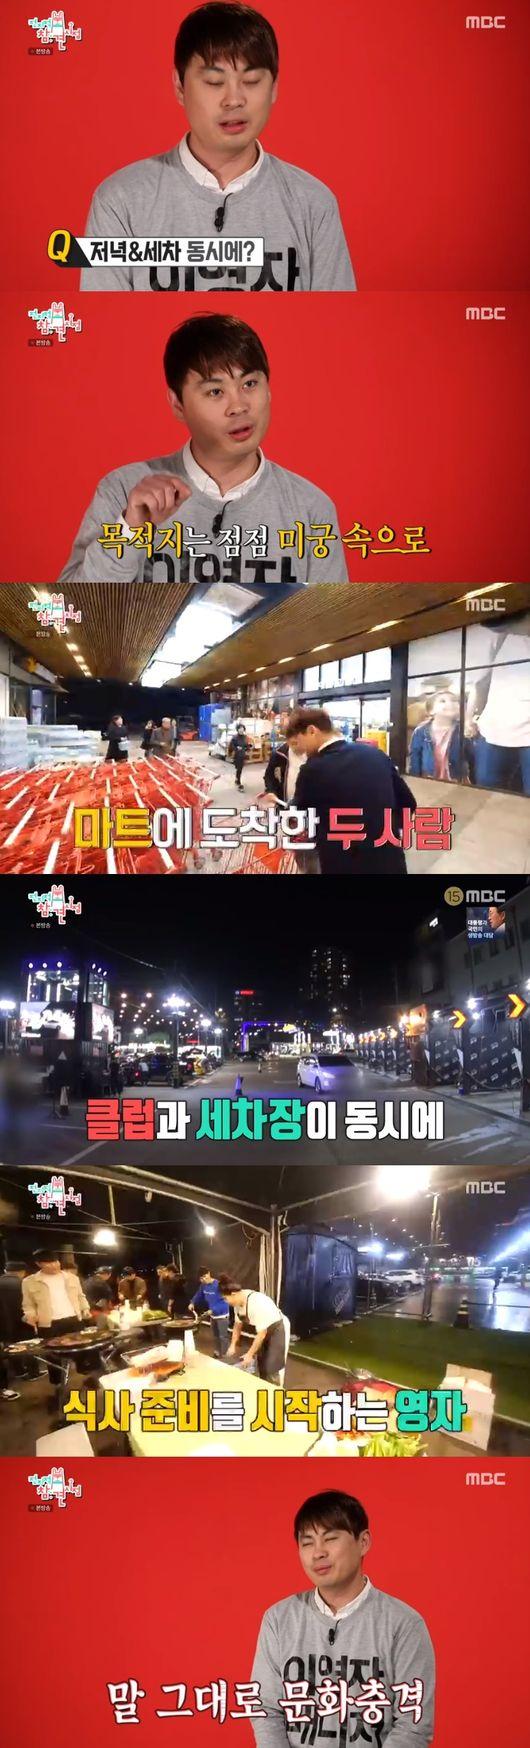 '전참시' 이영자x송팀장 이색 세차장서 캠핑 푸드 먹방→ 정해인 친구 배우 김병만 등장 [종합]